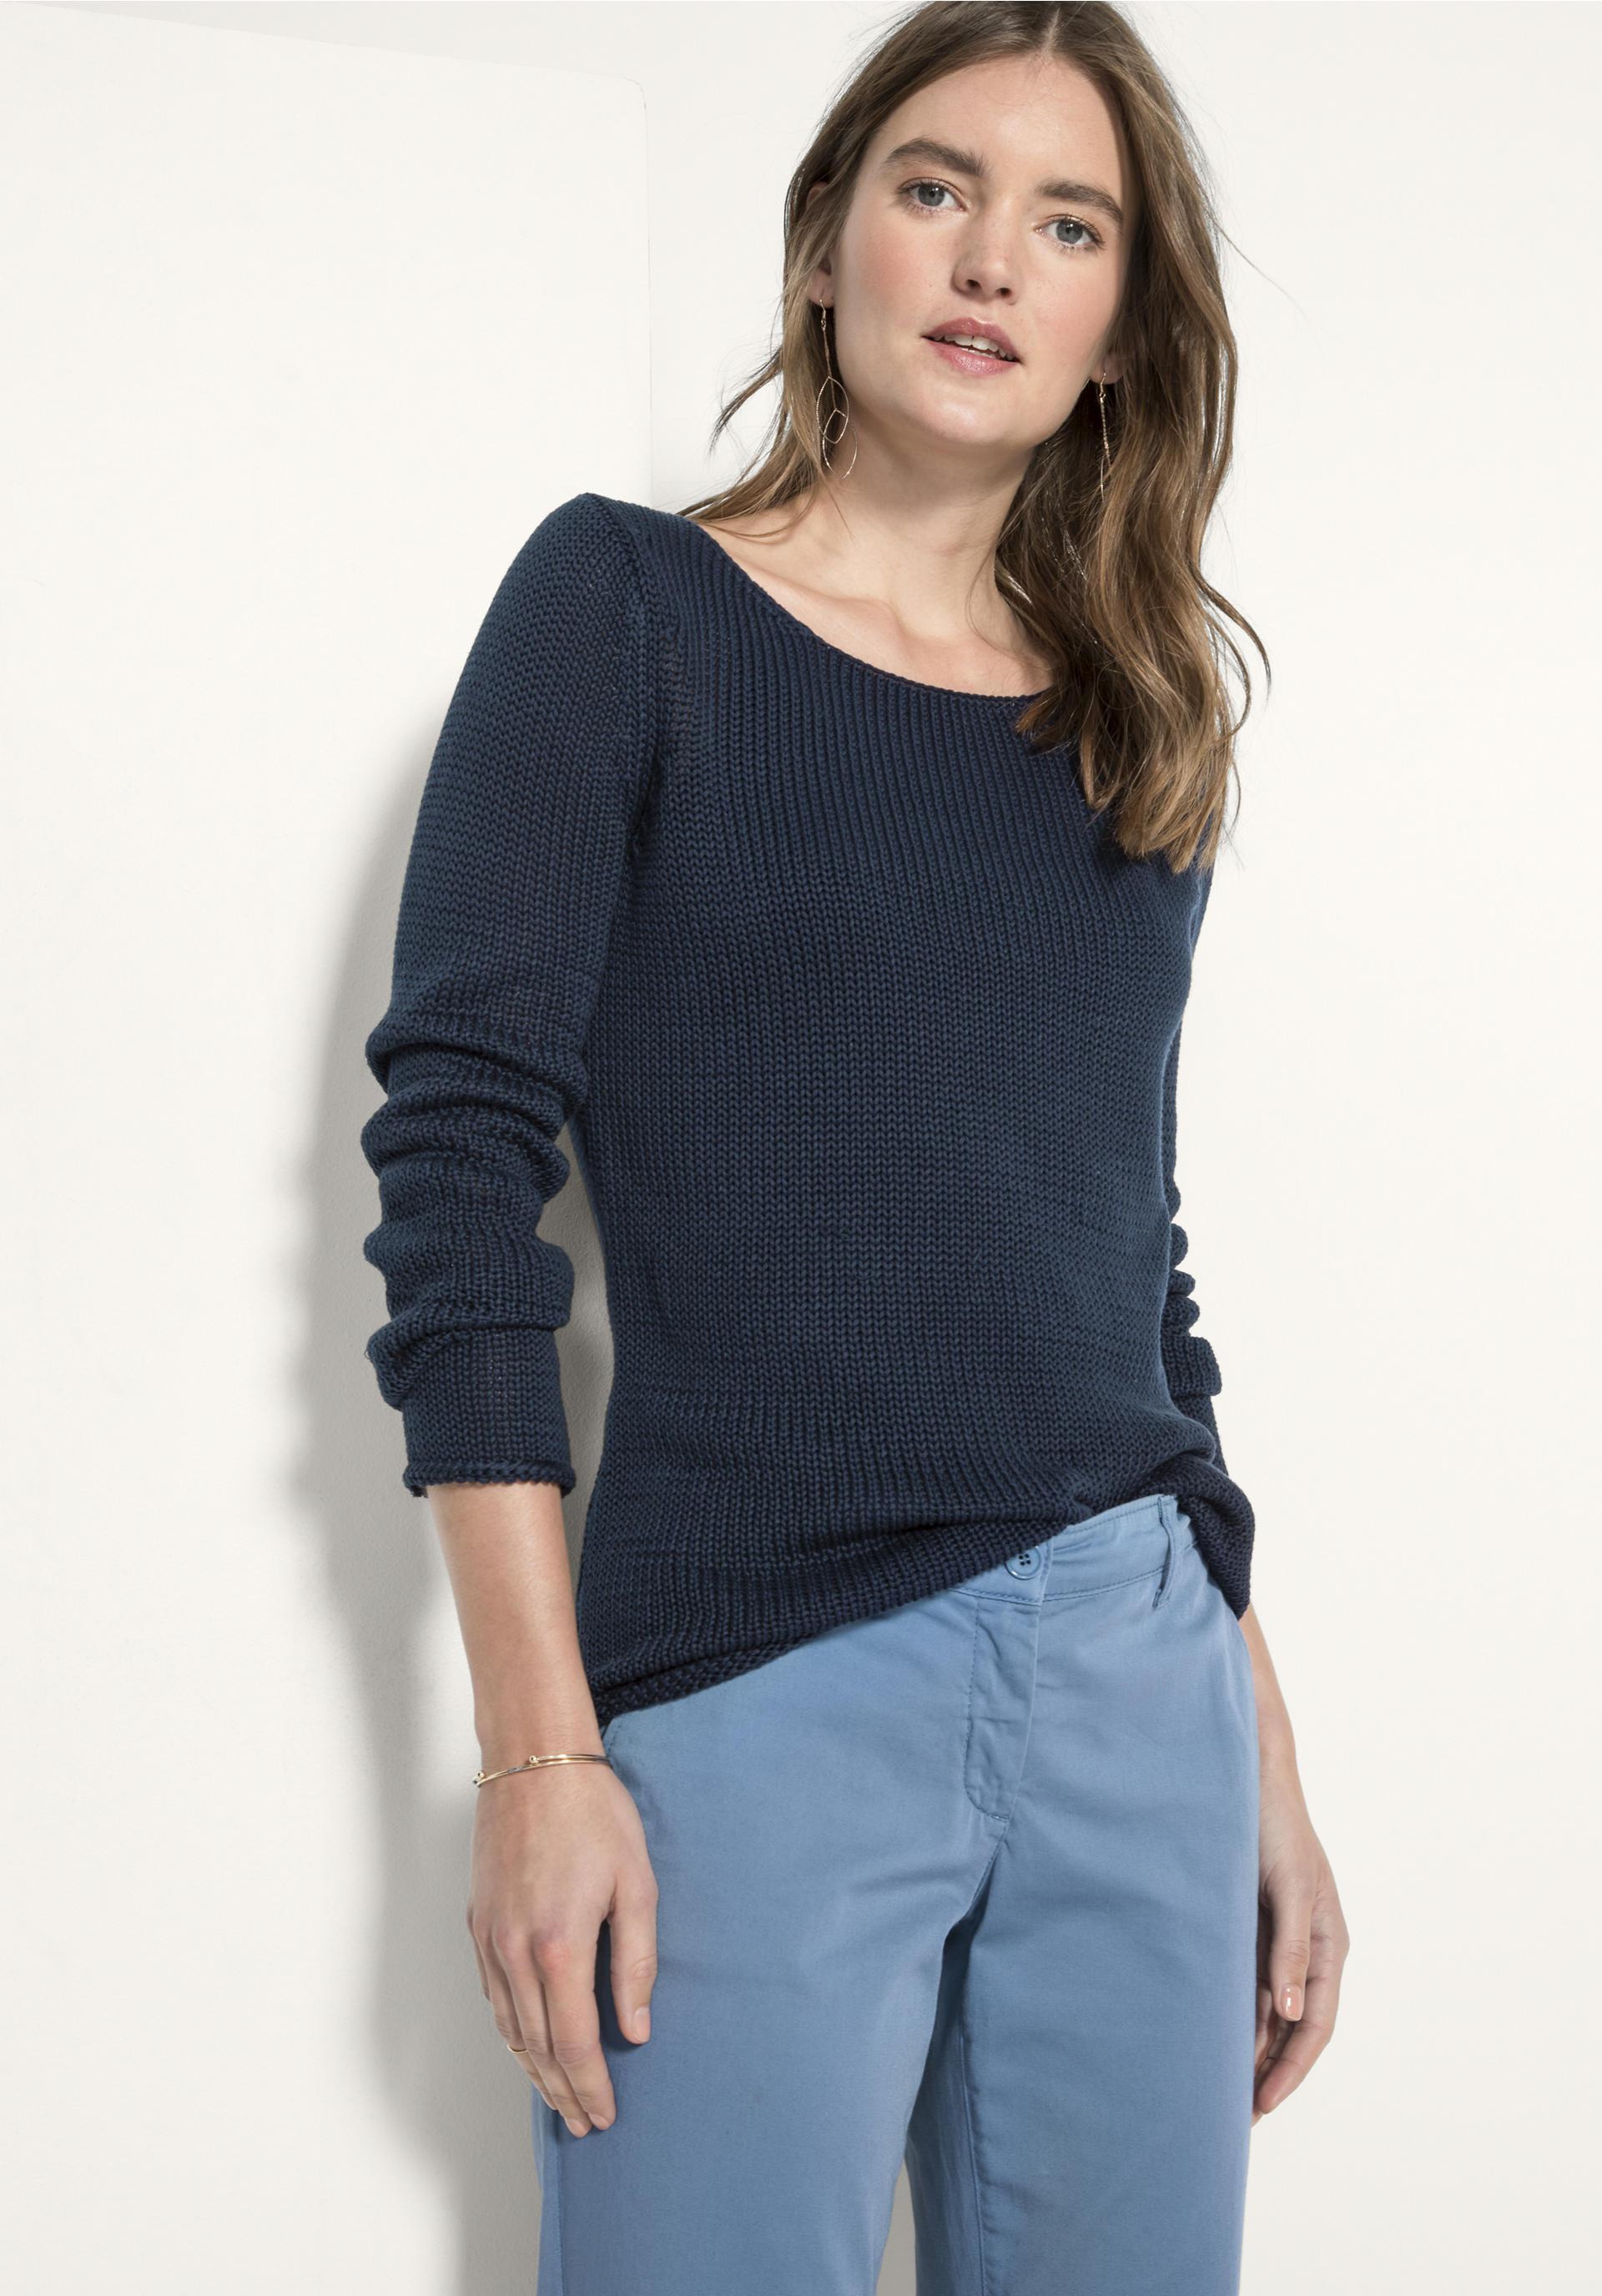 kostenlose Retouren & versandkostenfreie Bestellung besonderer design Kleidung wie T-Shirts, Hoodies, Socken, Unterwäsche etc. Fairtrade und Biobaumwolle.